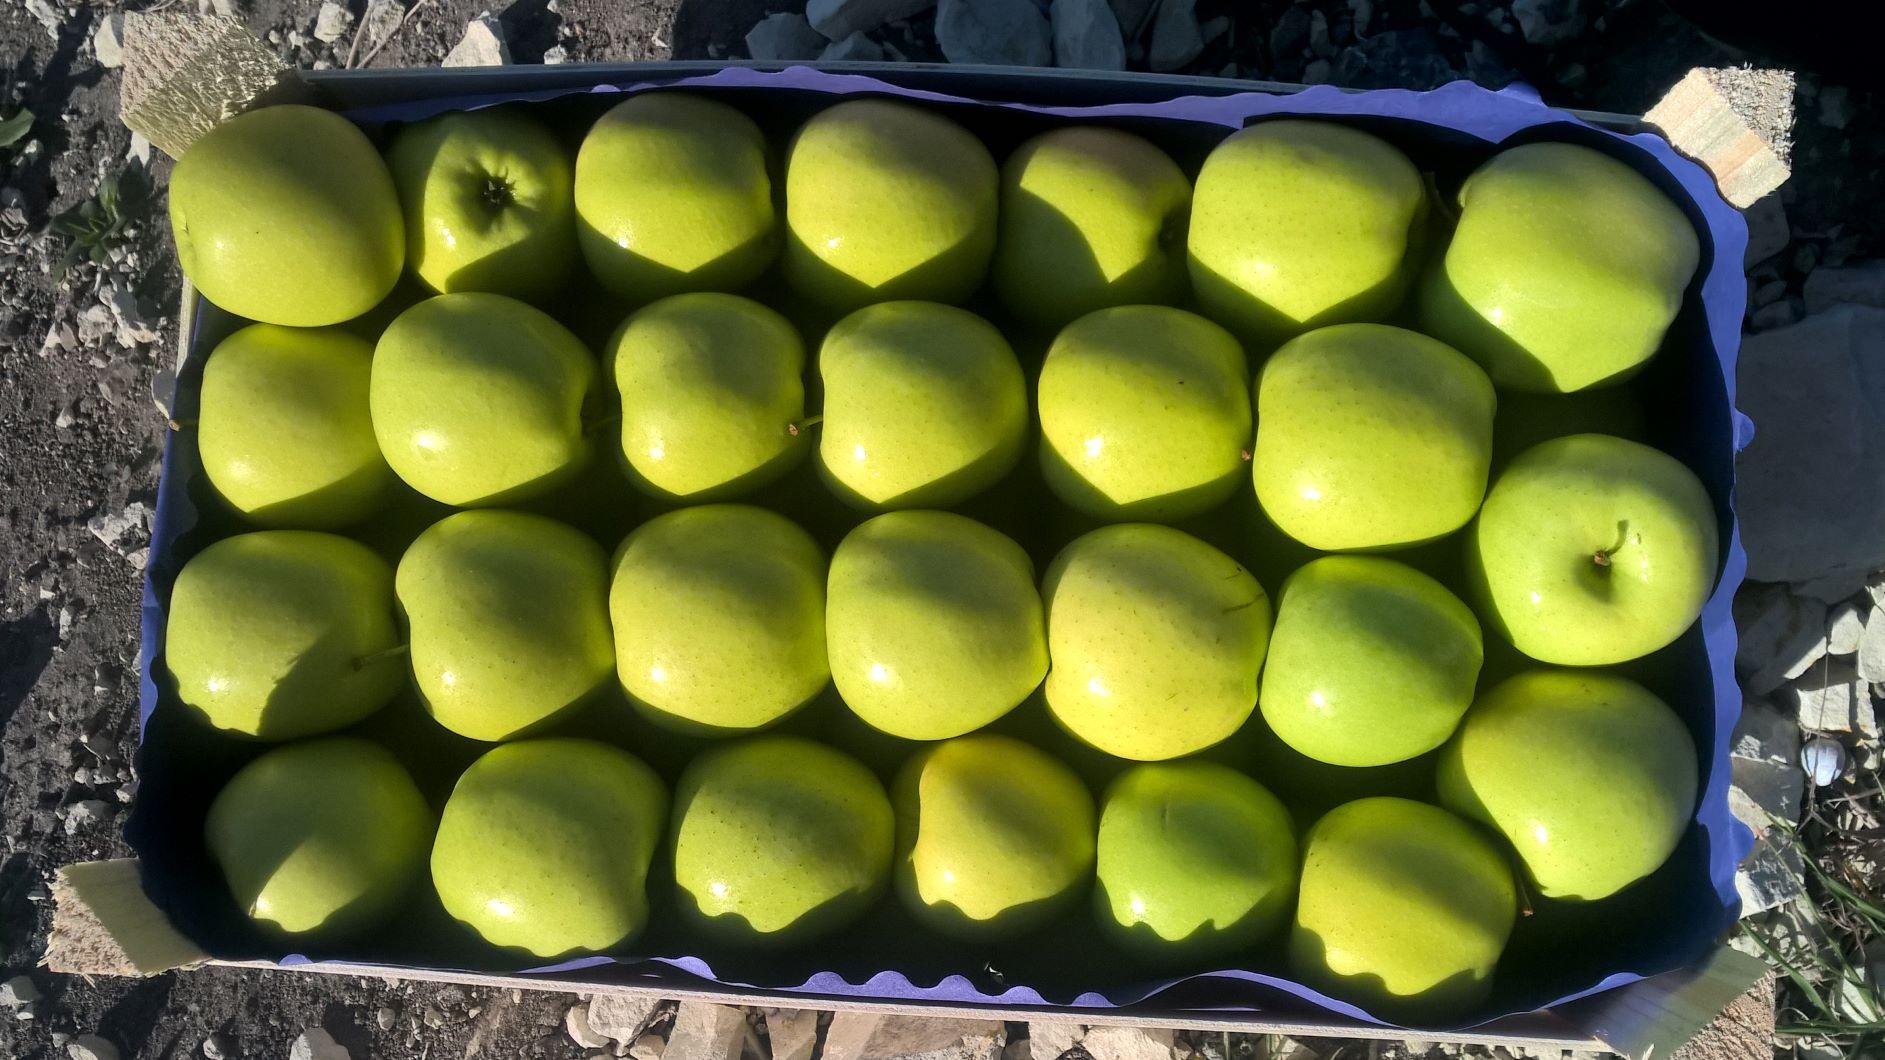 jablko-polskie---standard-bialorus-rumunia-ukraina-litwa---rozne-odmiany-i-pakowanie